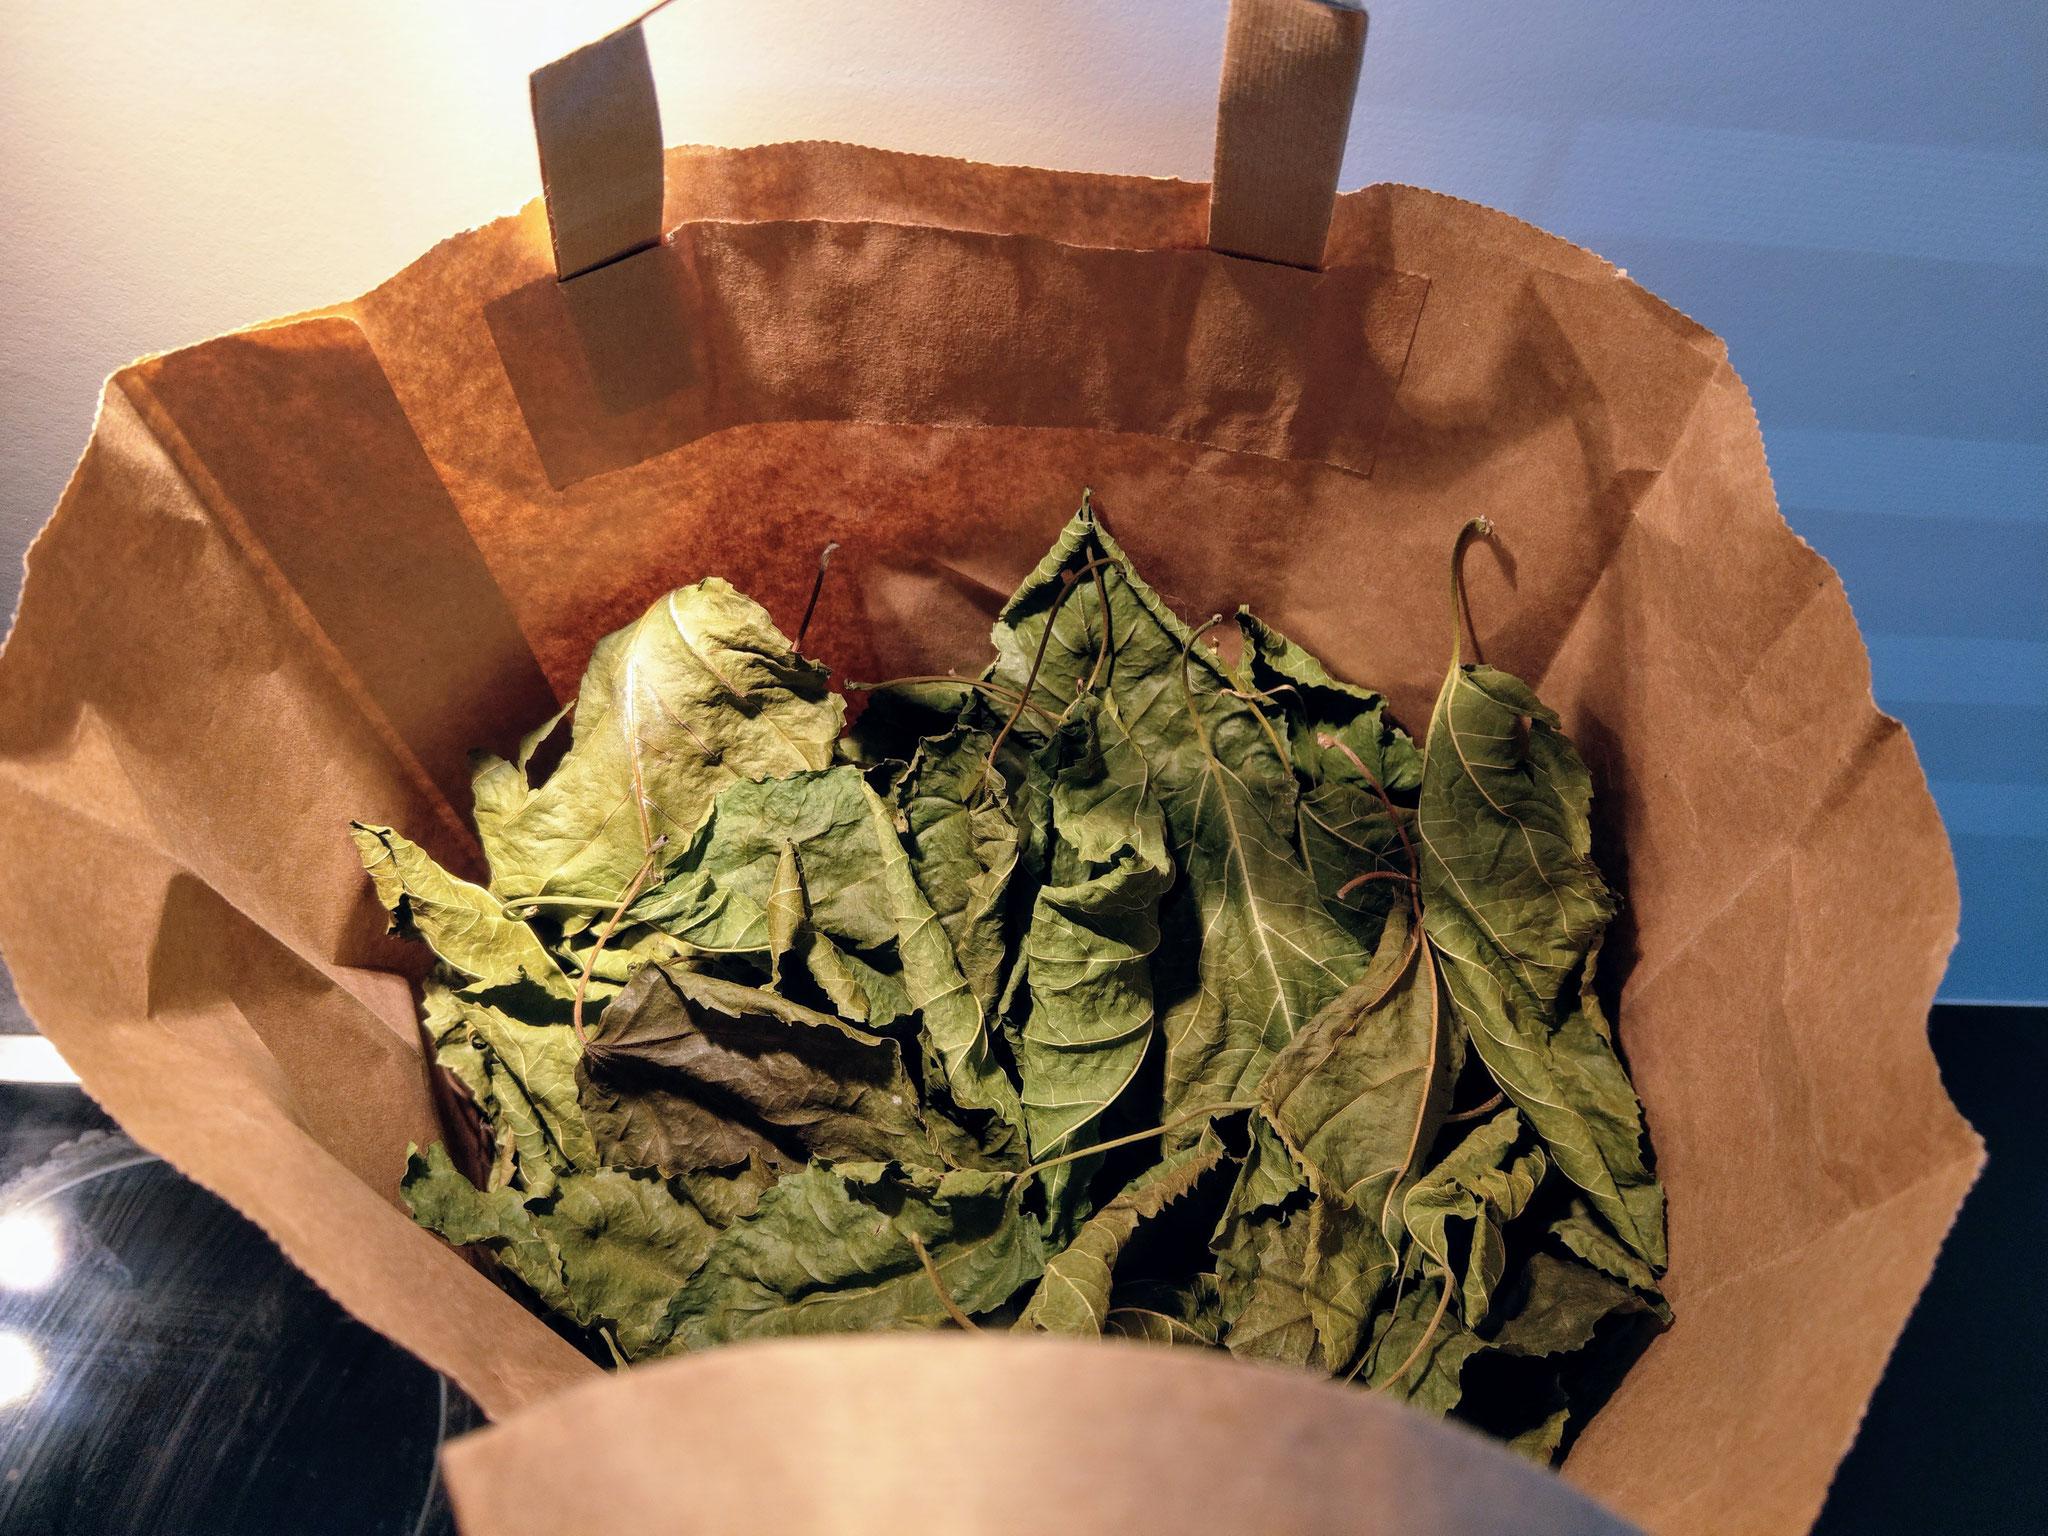 Man nehme den Sack mit den Maulbeerblättern und gibt soviele davon wie möglich in den Mixer